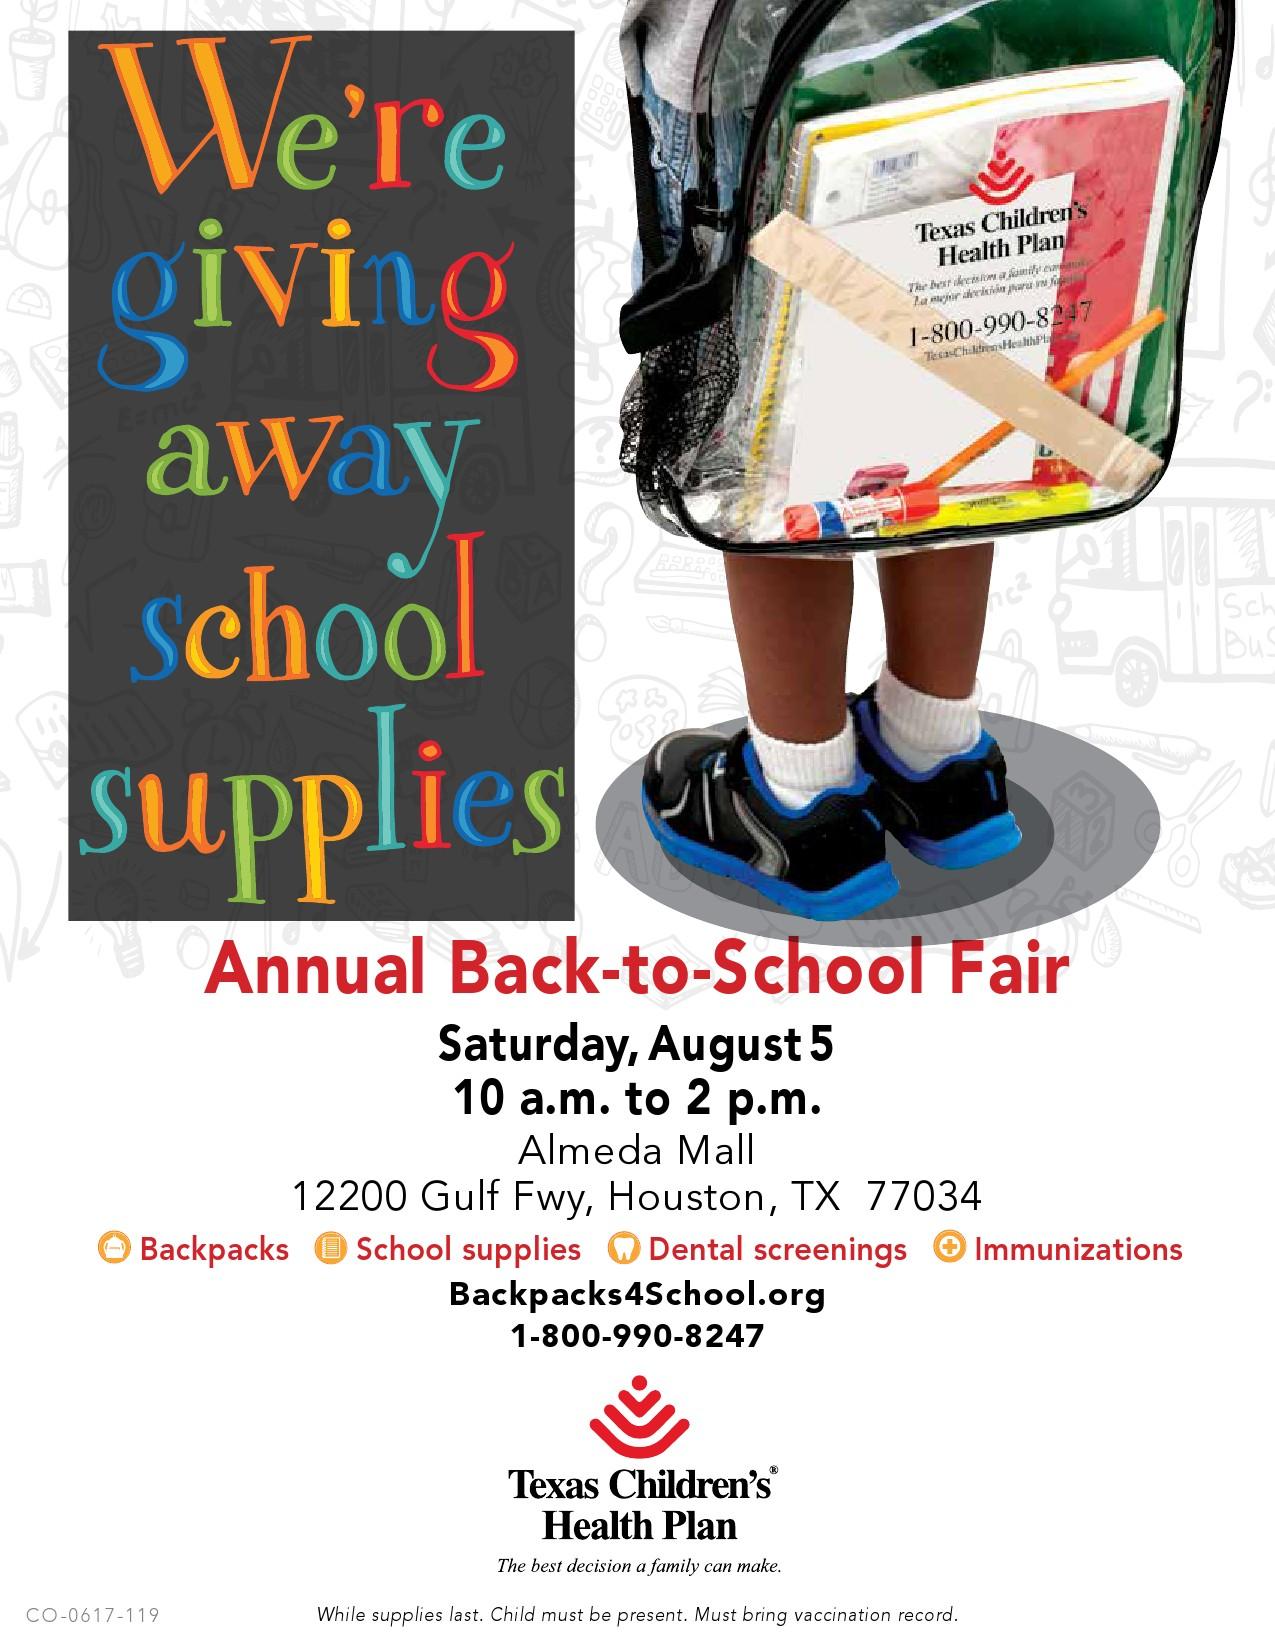 2017 Annual Back-to-School Fair